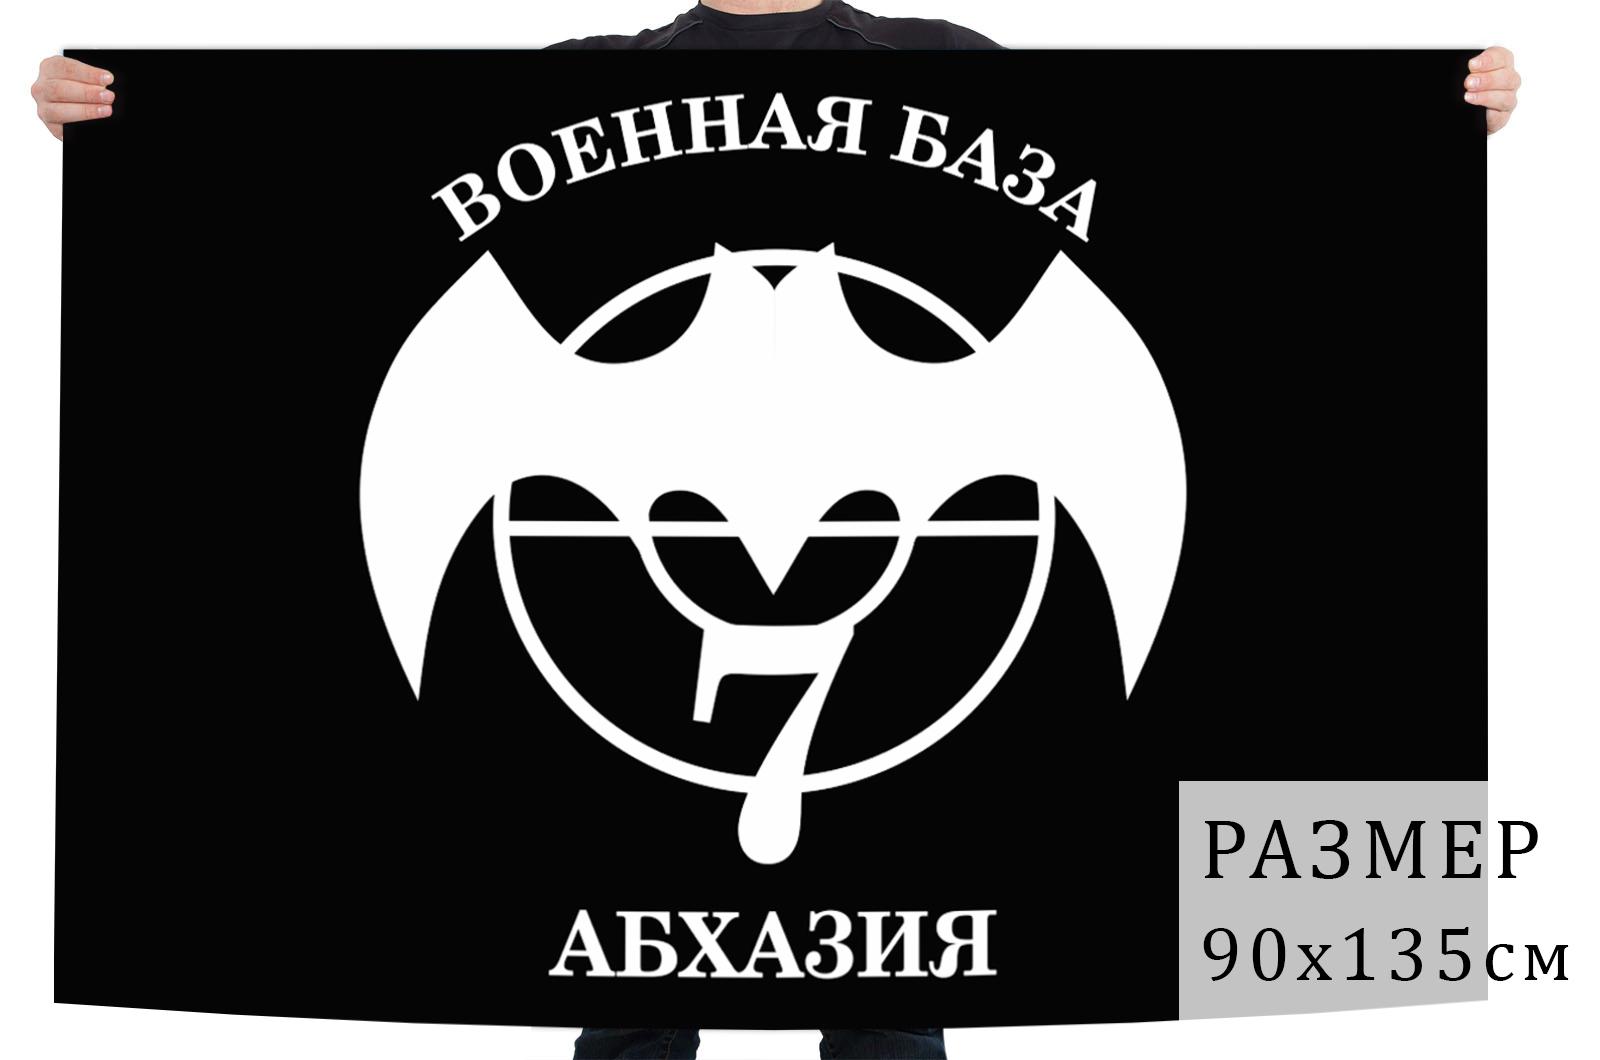 Флаг Спецназа 7 Военная база. Абхазия